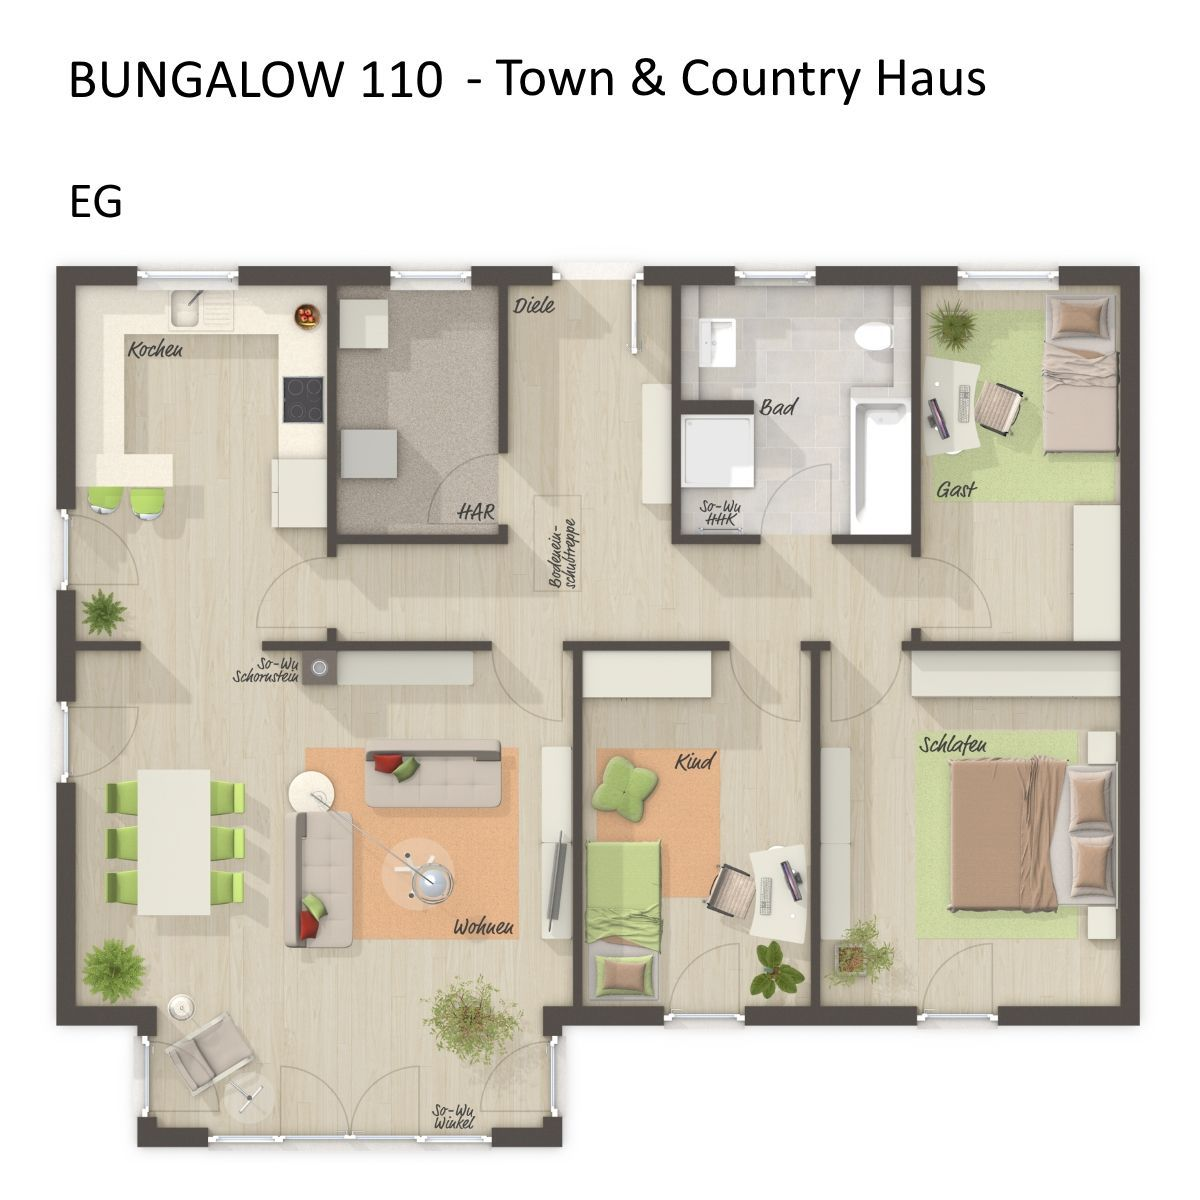 Grundriss Bungalow Haus modern mit Walmdach Architektur